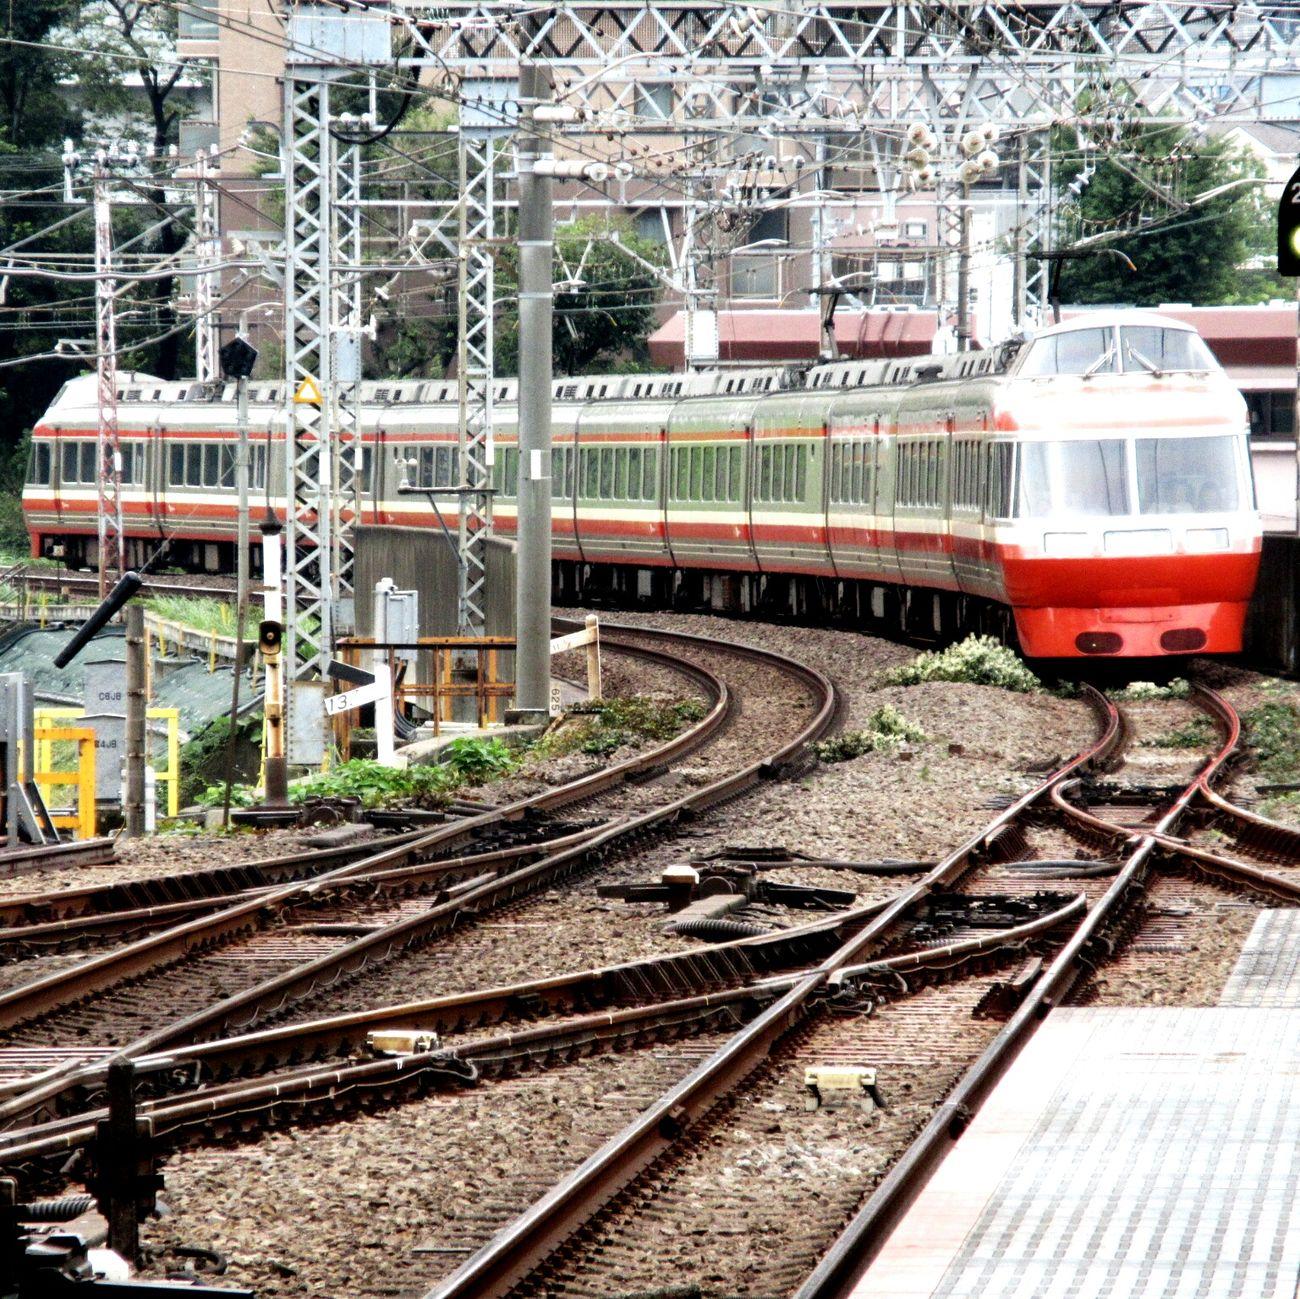 ロマンスカー 小田急 乗り物 鉄道 Train Trains